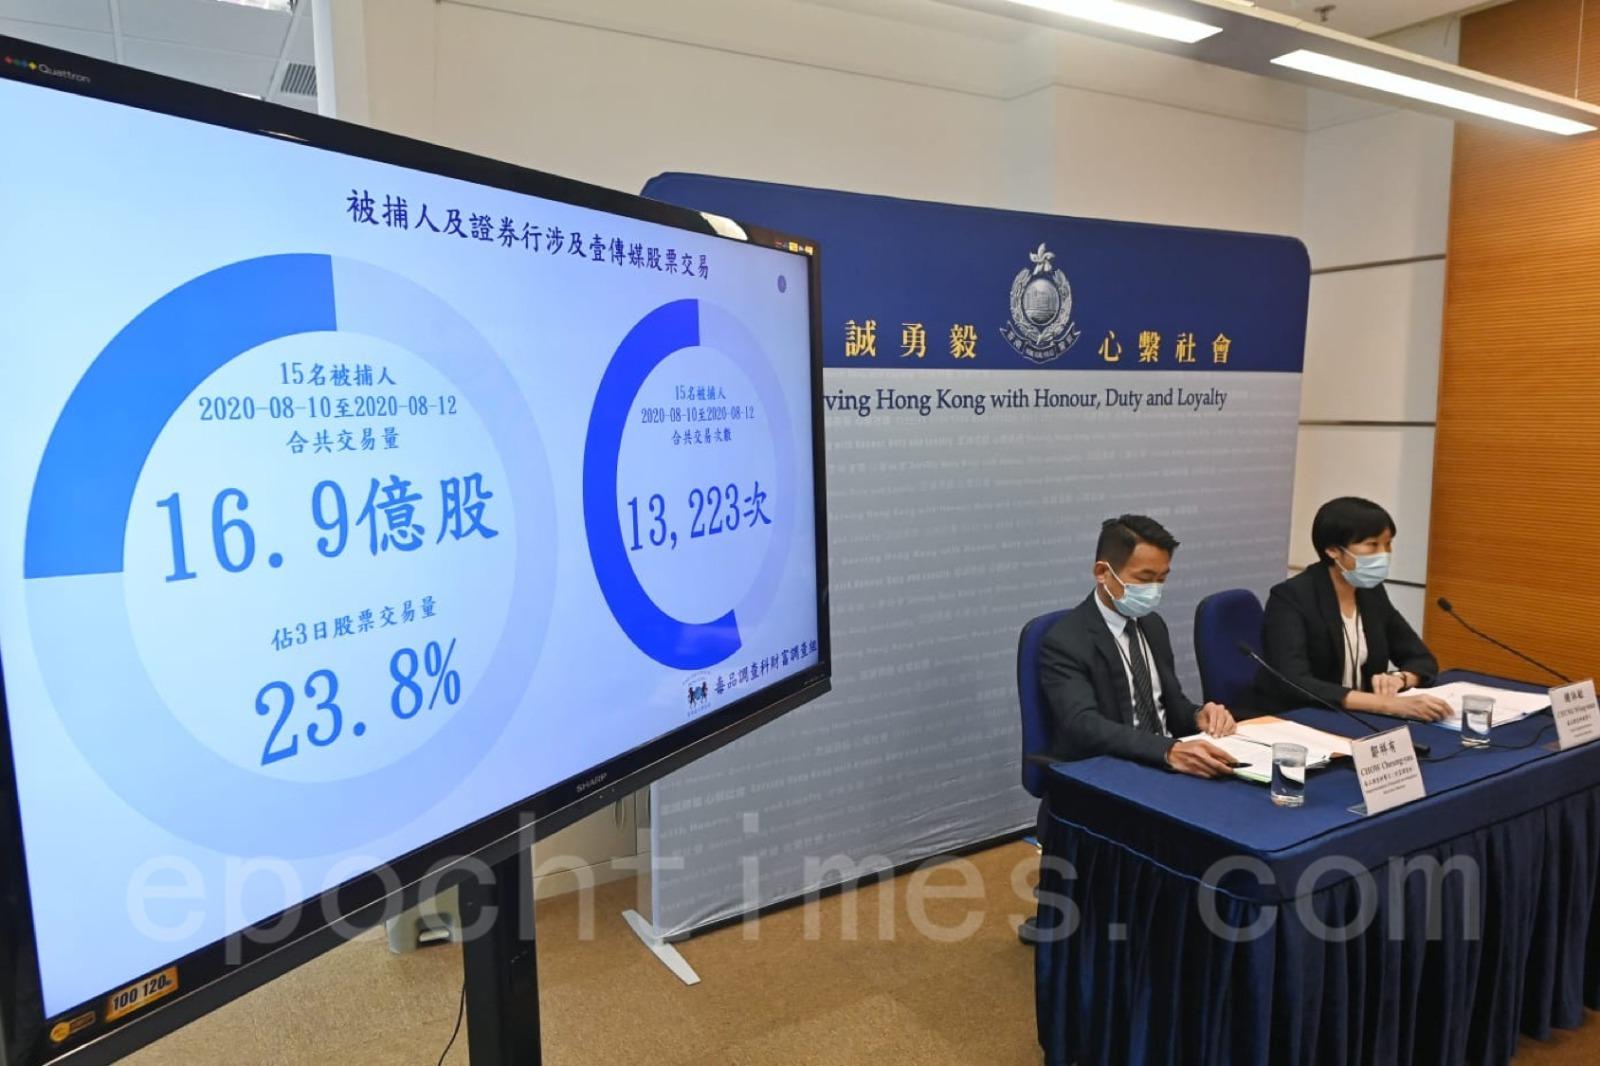 香港警方9月10日突然宣佈拘捕15人,指控他們操控壹傳媒股價,涉及「串謀詐騙」及「洗黑錢」。(大紀元資料圖片)